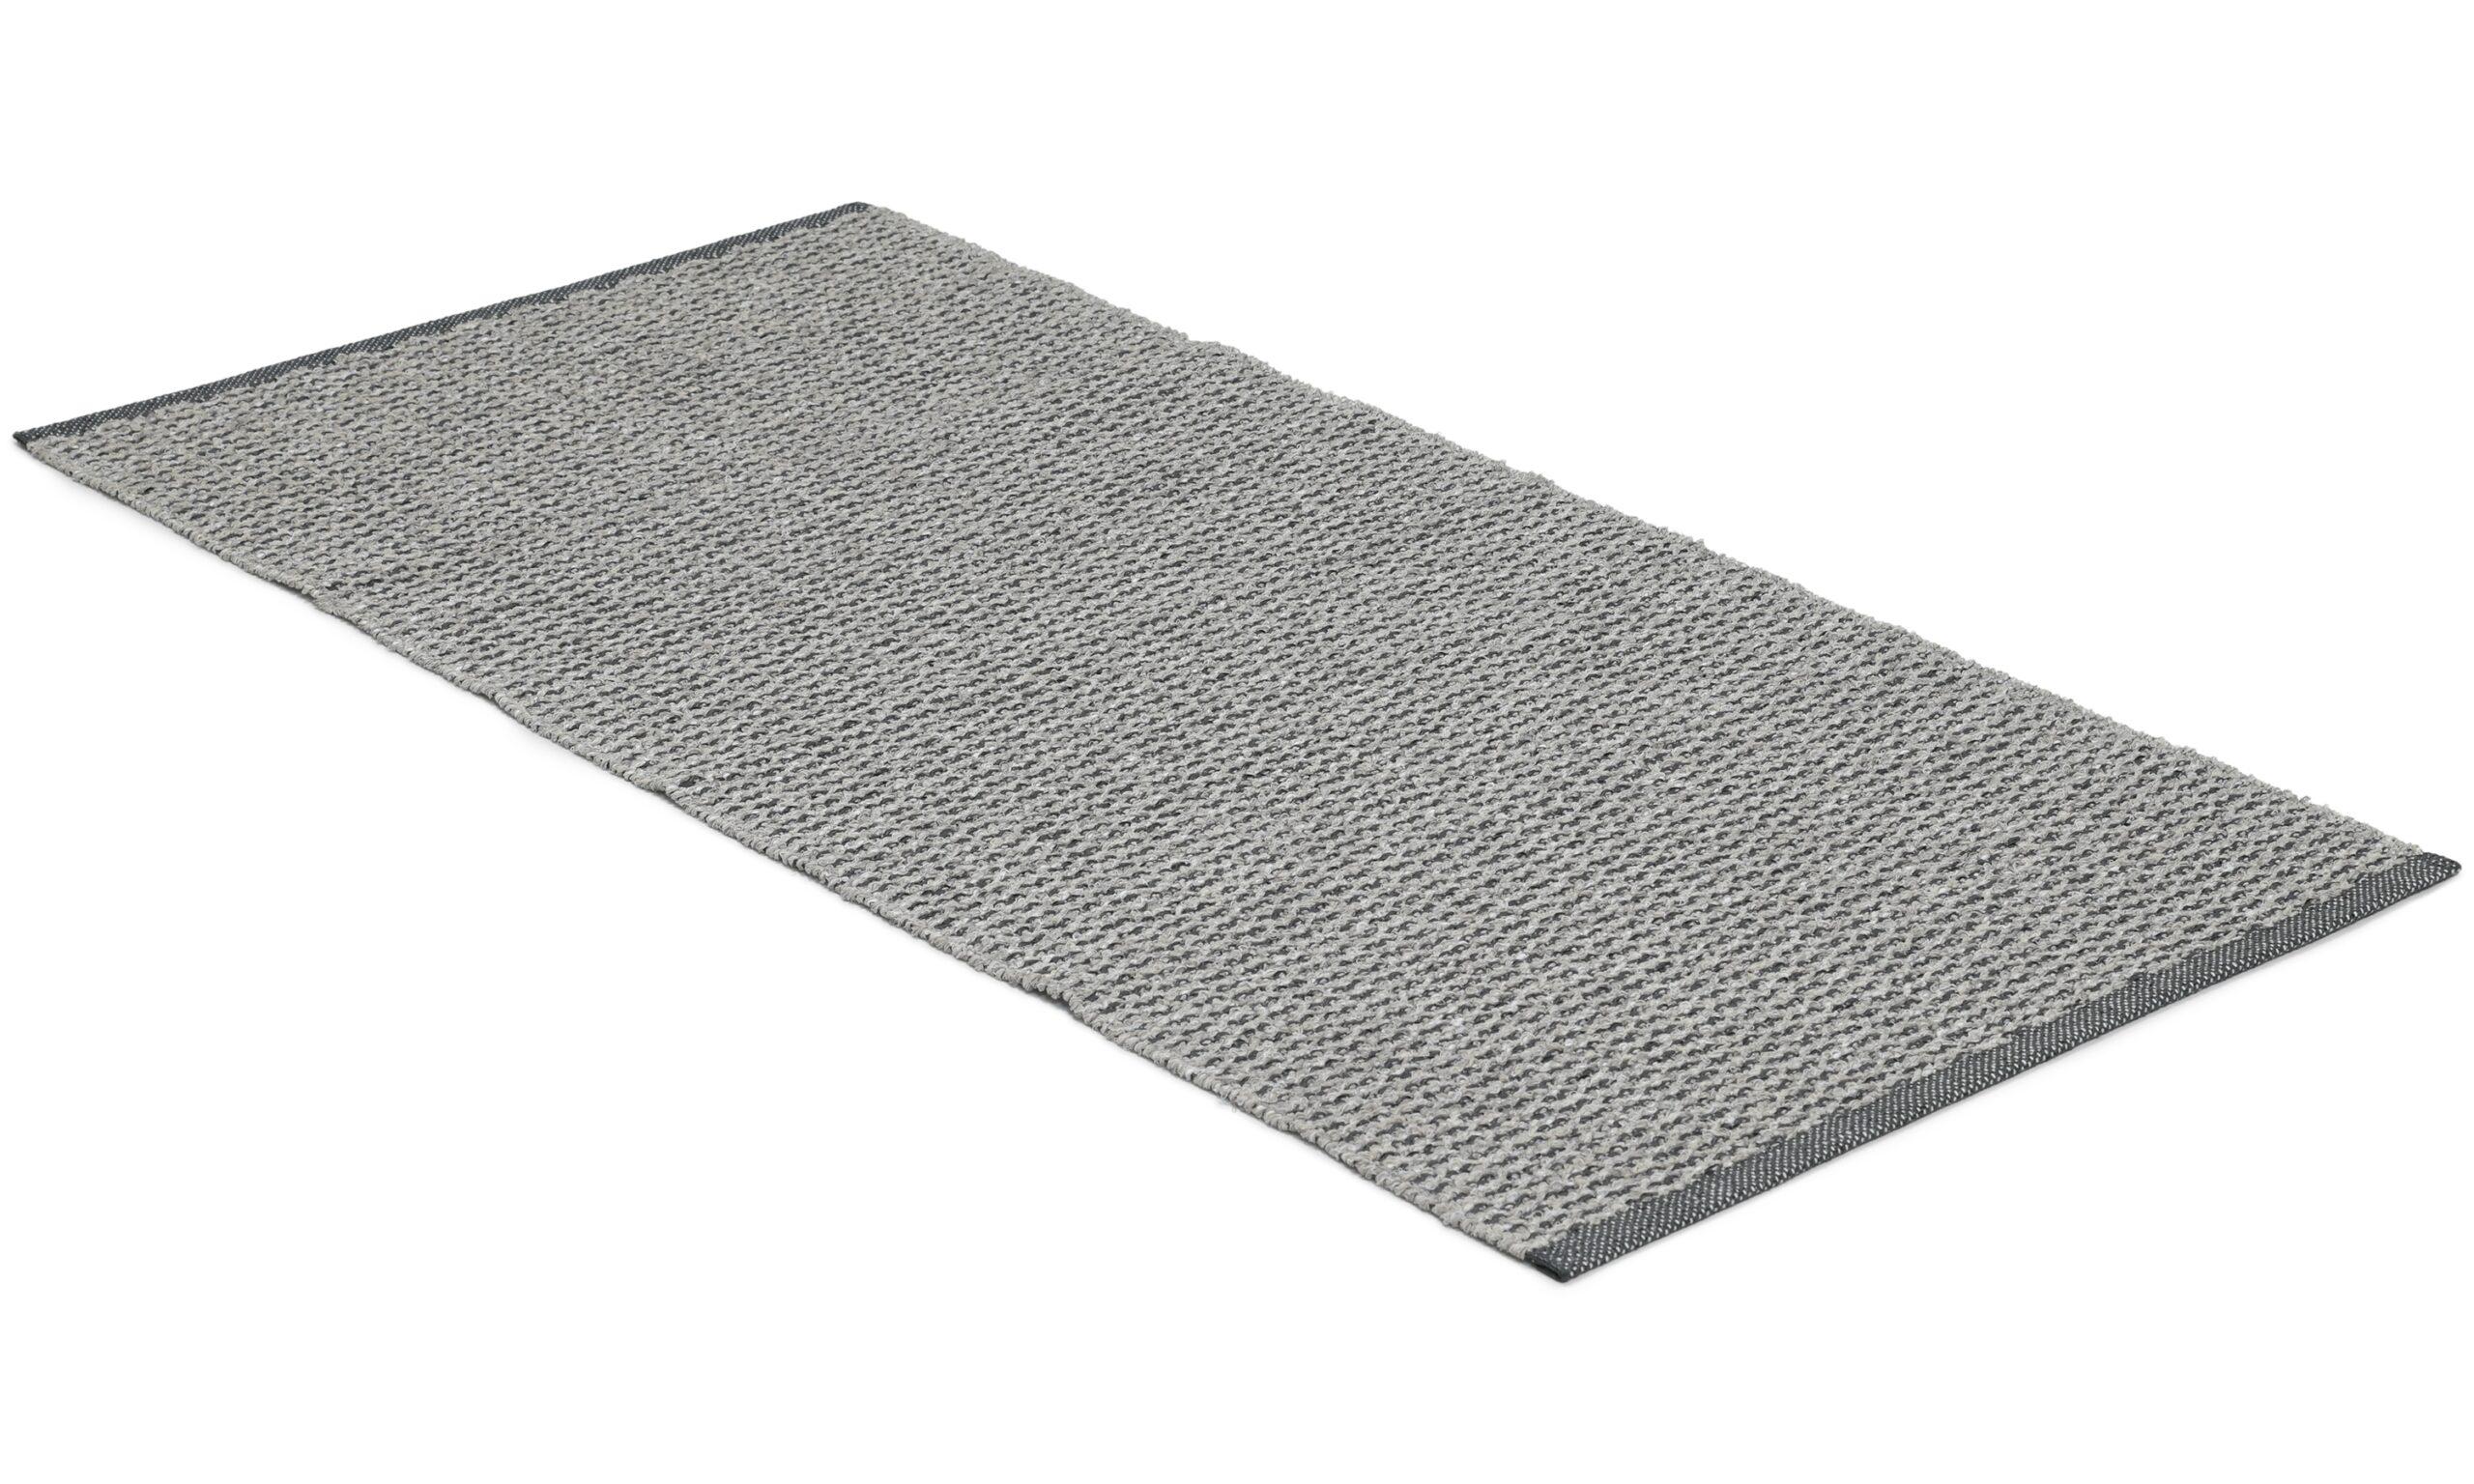 Signe grå - plast- og garnteppe